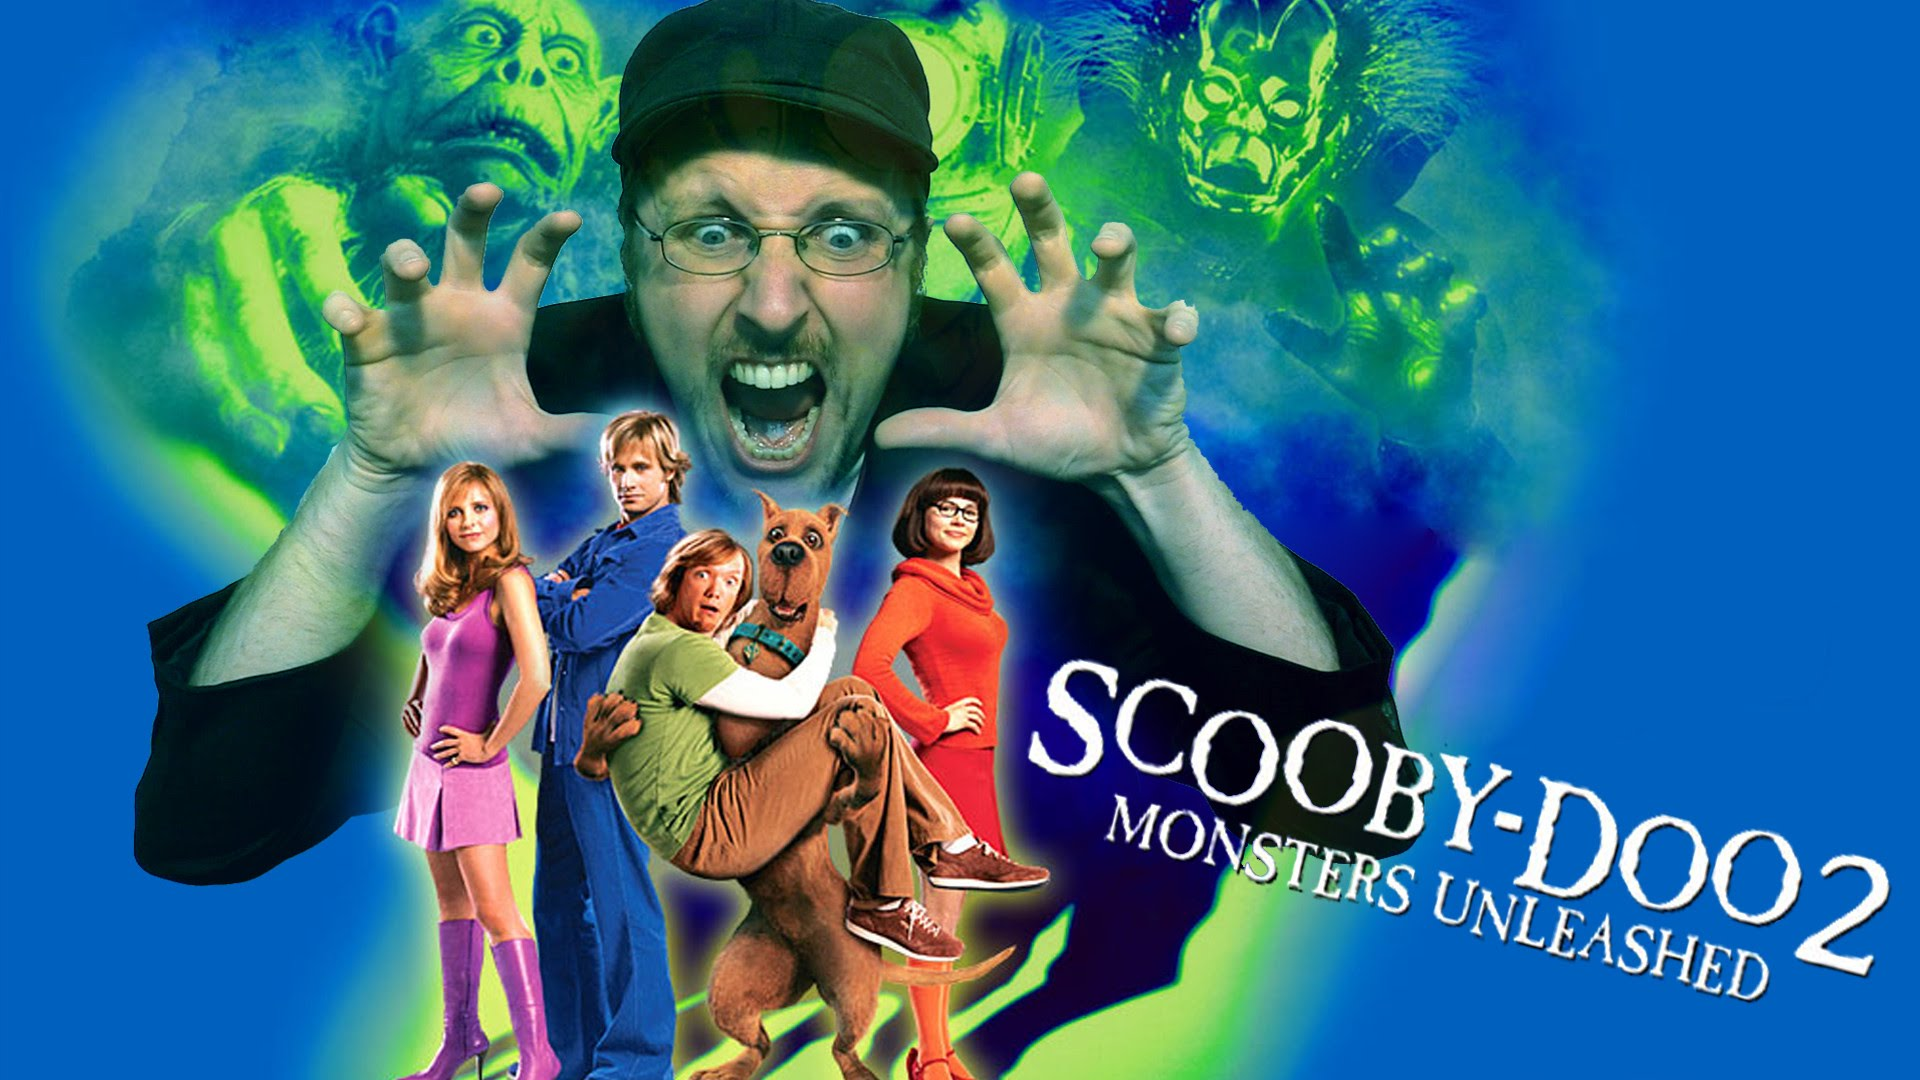 Nostalgia Critic Scooby Doo 2 Monsters Unleashed Tv Episode 2016 Imdb